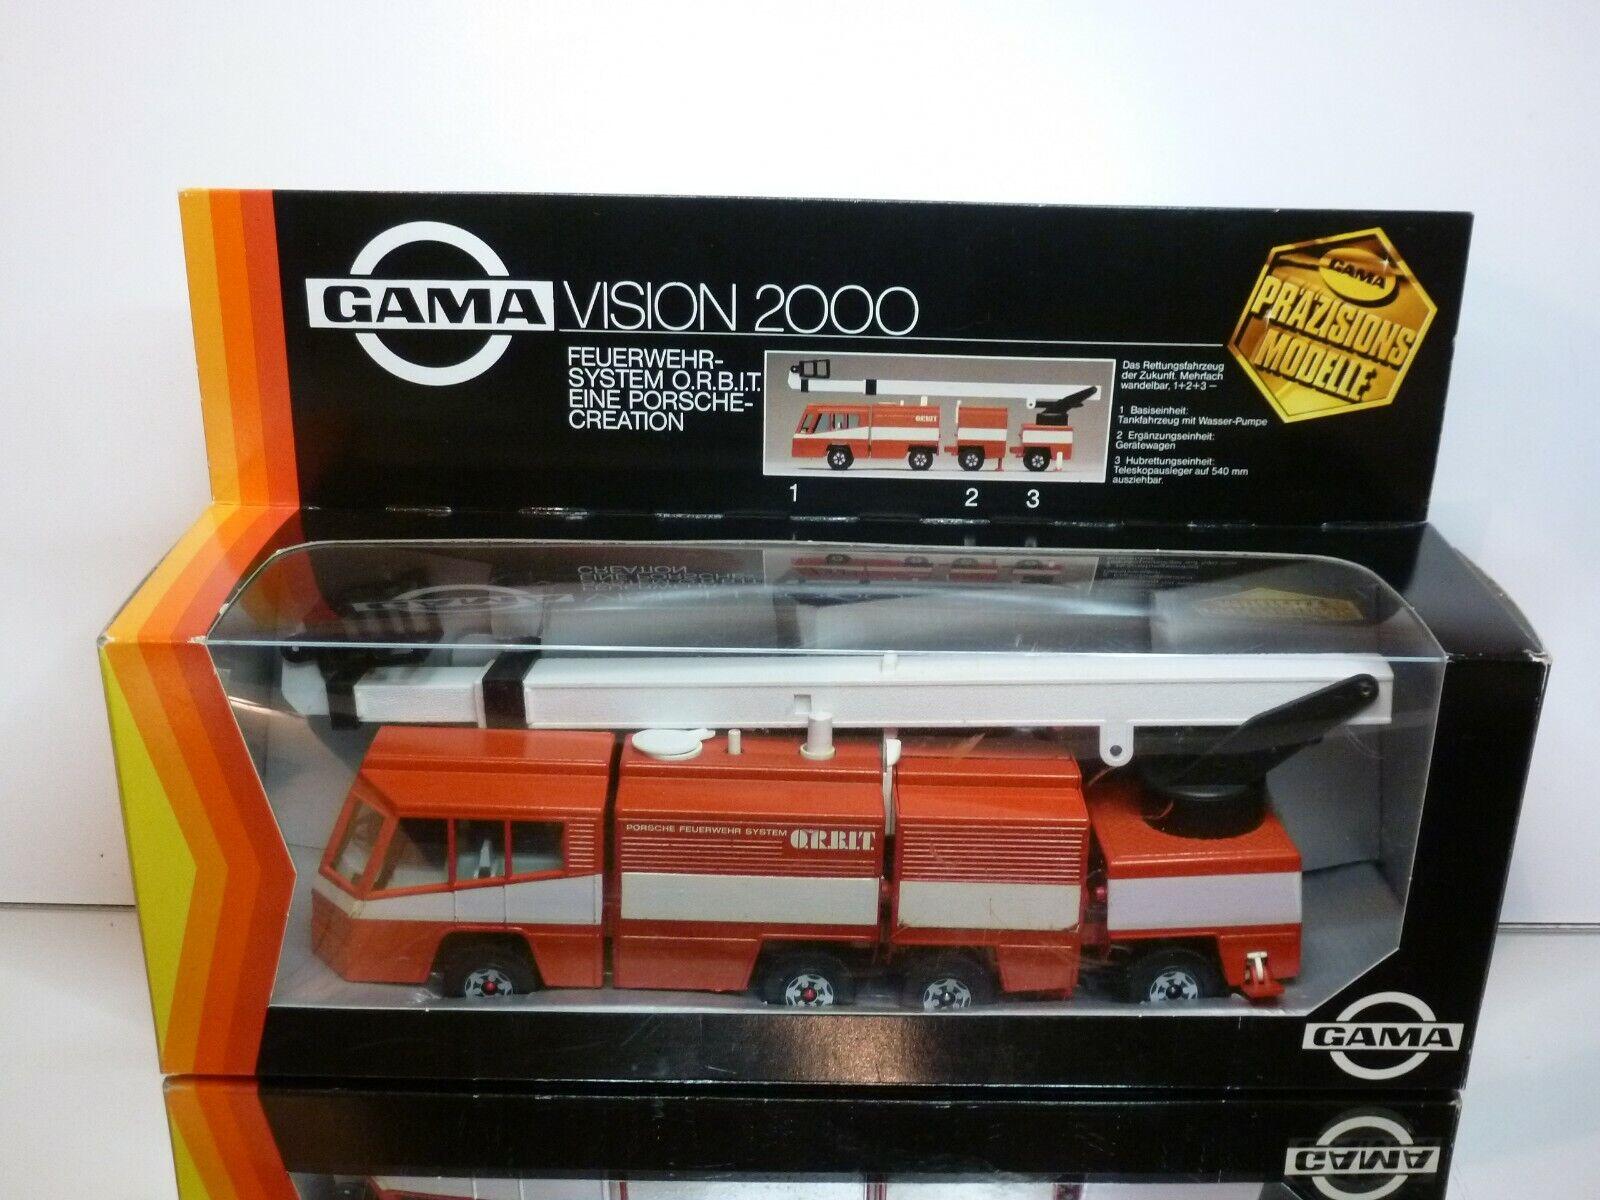 tutti i beni sono speciali GAMA 3536 PORSCHE FEUERWEHR SYSTEM O.R.B.I.T. O.R.B.I.T. O.R.B.I.T. - rosso - VERY GOOD IN scatola  bellissima